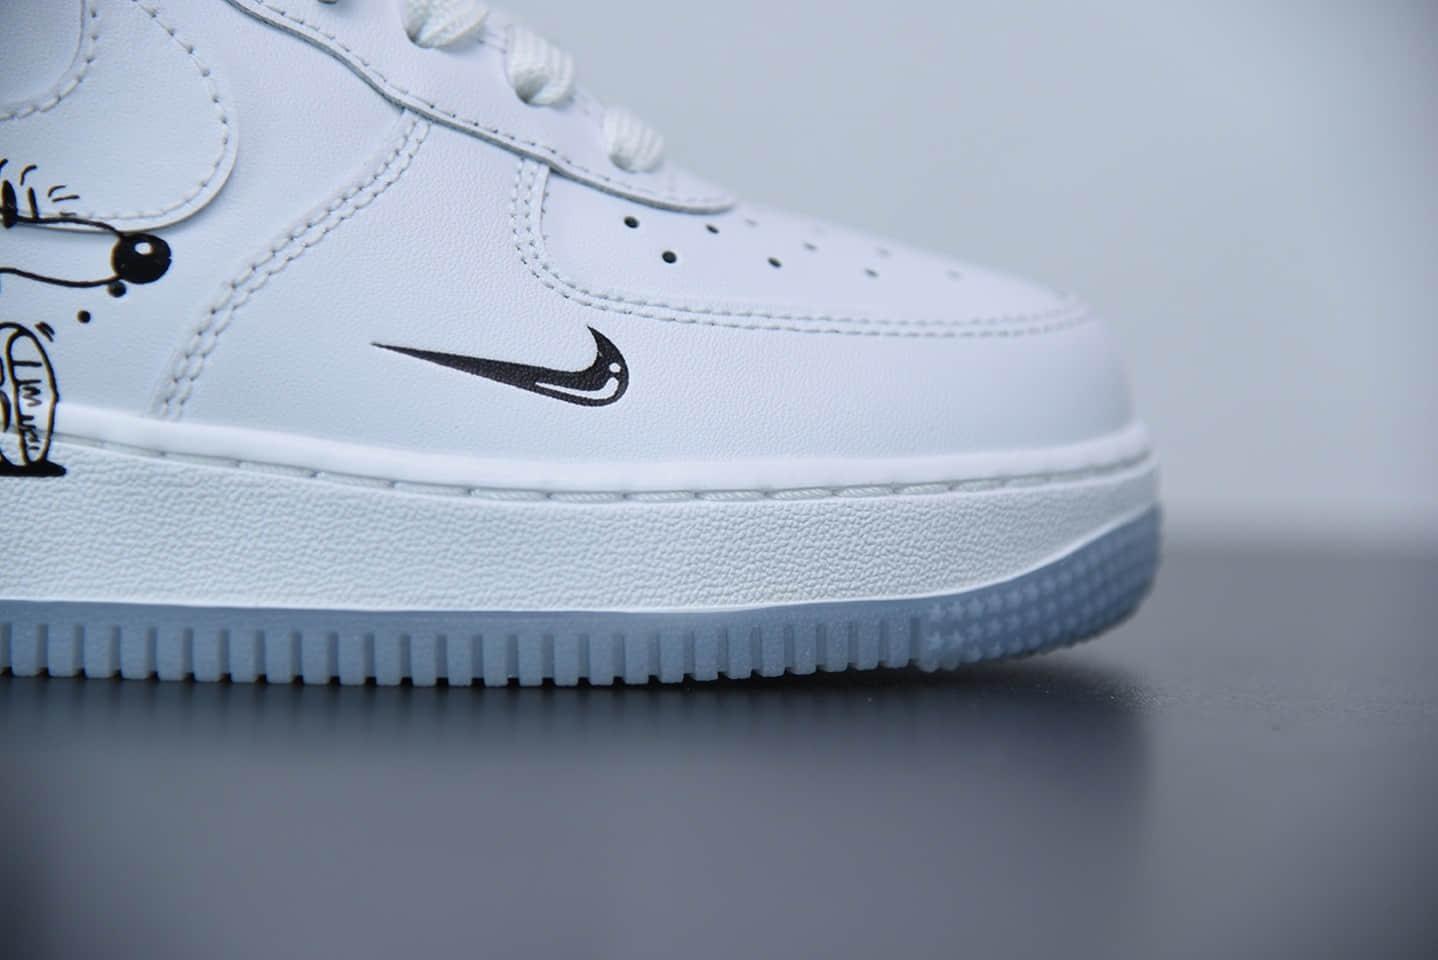 耐克Nike Air Force 1 Earth Day Pack世界地球日限定涂鸦板鞋纯原版本  货号:CI5545-100